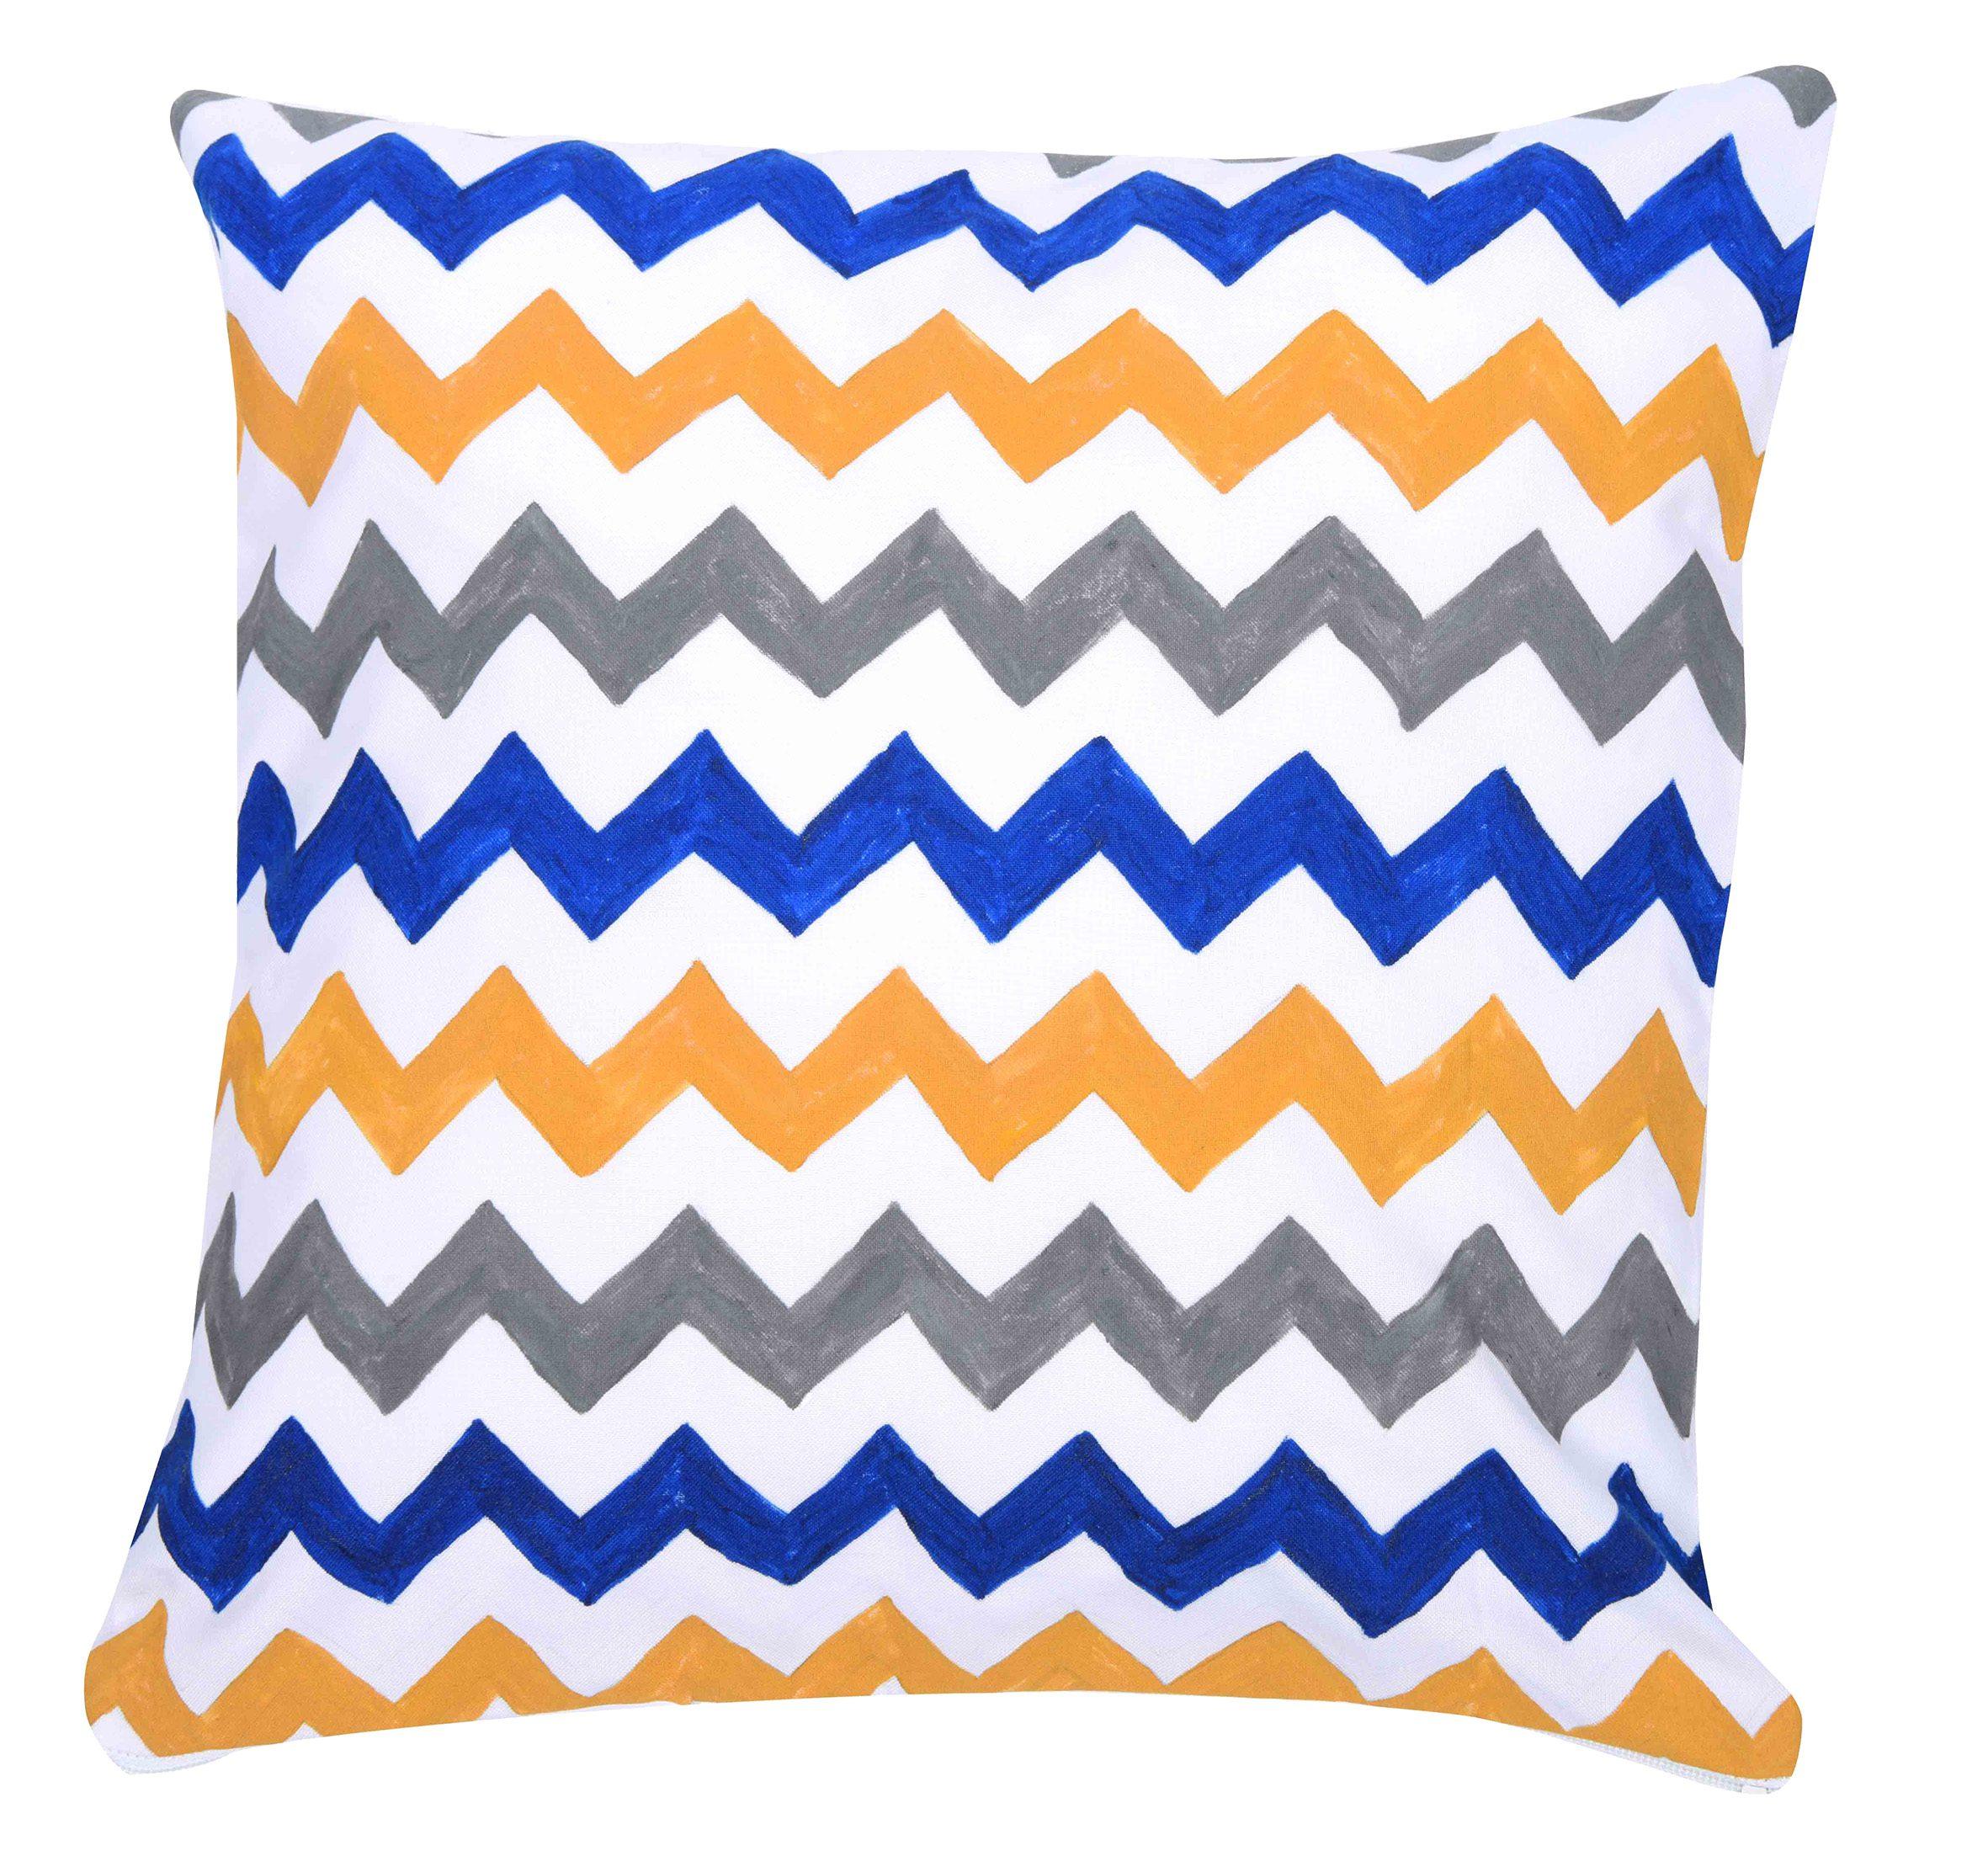 Zigzag desenine sahip yastık kılıfı